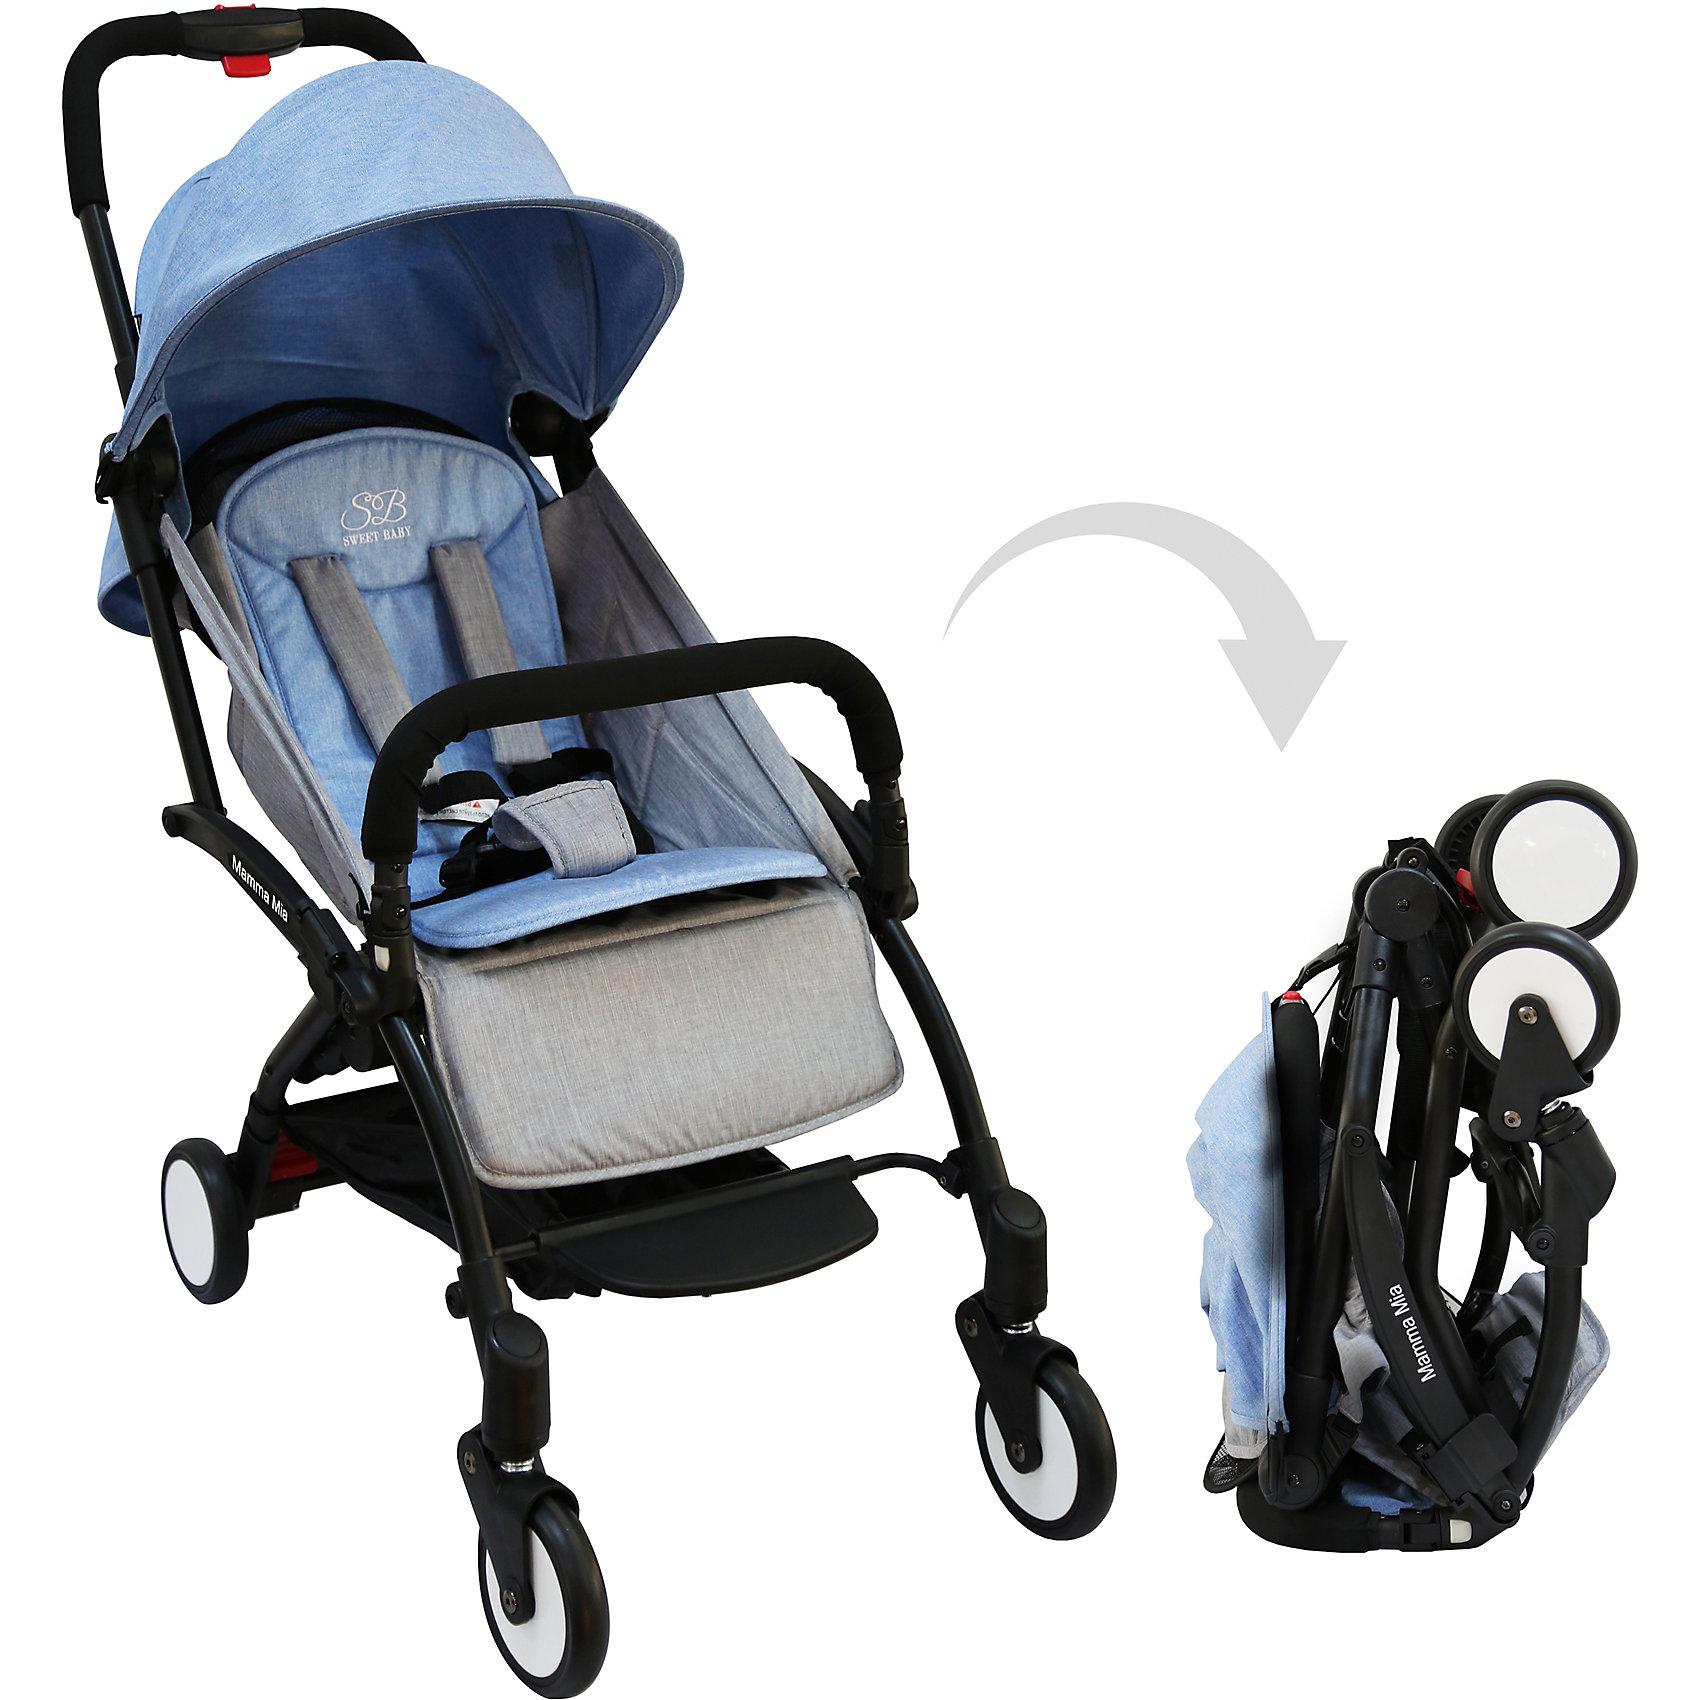 Прогулочная коляска Sweet Baby Mamma Mia Linen Dubai, голубаяПрогулочные коляски<br>Характеристики товара:<br><br>• цвет: Linen Dubai, голубой<br>• алюминиевая рама.<br>• регулируемая ремешком спинка коляски, угол наклона 165 градусов<br>• на сиденье со спинкой находится съемный матрасик с прорезями для ремней<br>• защитный съемный бампер перед ребенком<br>• пластиковая подножка для подросшего ребенка<br>• капюшон со смотровым окошком<br>• цельная ручка коляски с накладкой<br>• полиуретановые колеса<br>• передние поворотные (без блокировки)<br>• пружинная амортизация на передних колесах<br>• тип тормоза: ножной, на одном из задних колес<br>• механизм складывания: книжка<br>• коляска складывается одной рукой вместе с прогулочным блоком<br>• имеется ремень для переноски коляски на плече<br><br>Размер коляски: 67х45х103 см<br>Размер коляски в сложенном виде: 20х43х57 см<br>Вес коляски: 5,8 кг<br>Размер упаковки: 95х46х97 см<br>Вес в упаковке: 7,7 кг<br><br>Прогулочная коляска Mamma Mia бренда Sweet Baby имеет небольшой вес и компактный размер, что идеально для родителей, путешествующих с ребенком. В сложенном виде она очень компактна и без труда влезет в багажник или на полку самолета.<br><br>Прогулочную коляску Mamma Mia Linen Dubai, Sweet Baby, цвет голубой можно купить в нашем интернет-магазине.<br><br>Ширина мм: 950<br>Глубина мм: 460<br>Высота мм: 970<br>Вес г: 7770<br>Возраст от месяцев: 0<br>Возраст до месяцев: 36<br>Пол: Унисекс<br>Возраст: Детский<br>SKU: 5614393